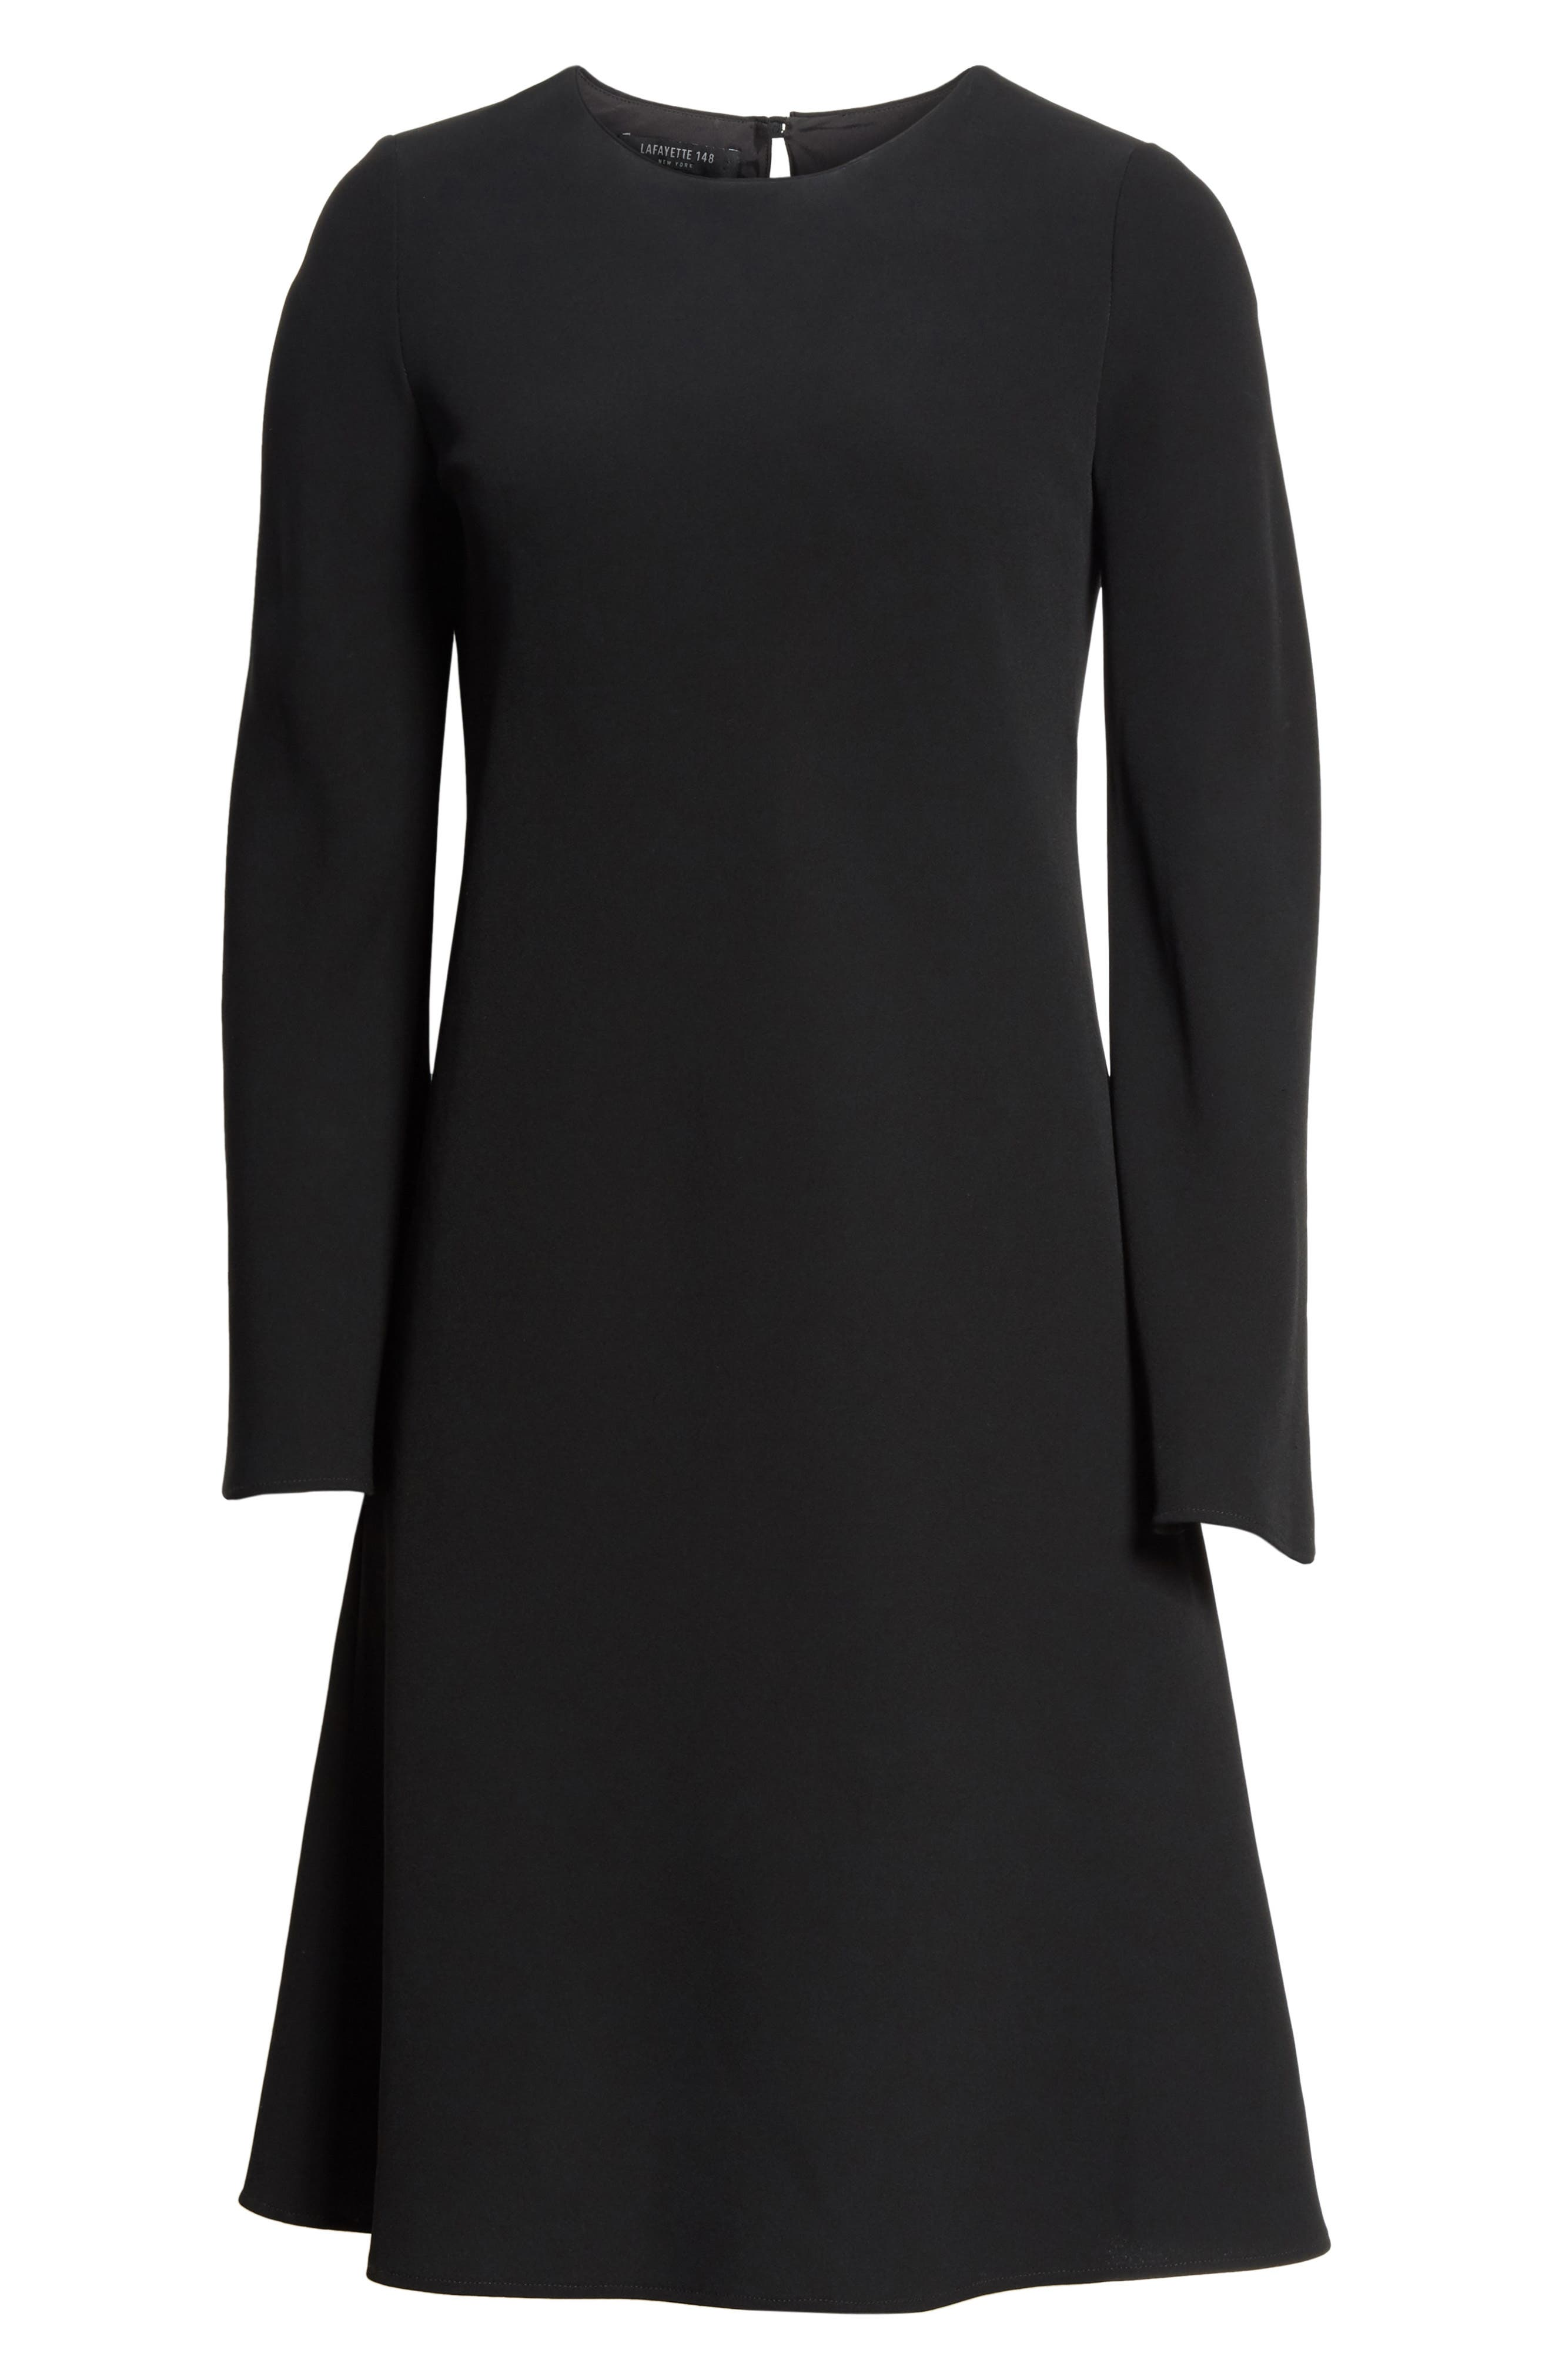 Kalitta Finesse Crepe Dress,                             Alternate thumbnail 7, color,                             Black